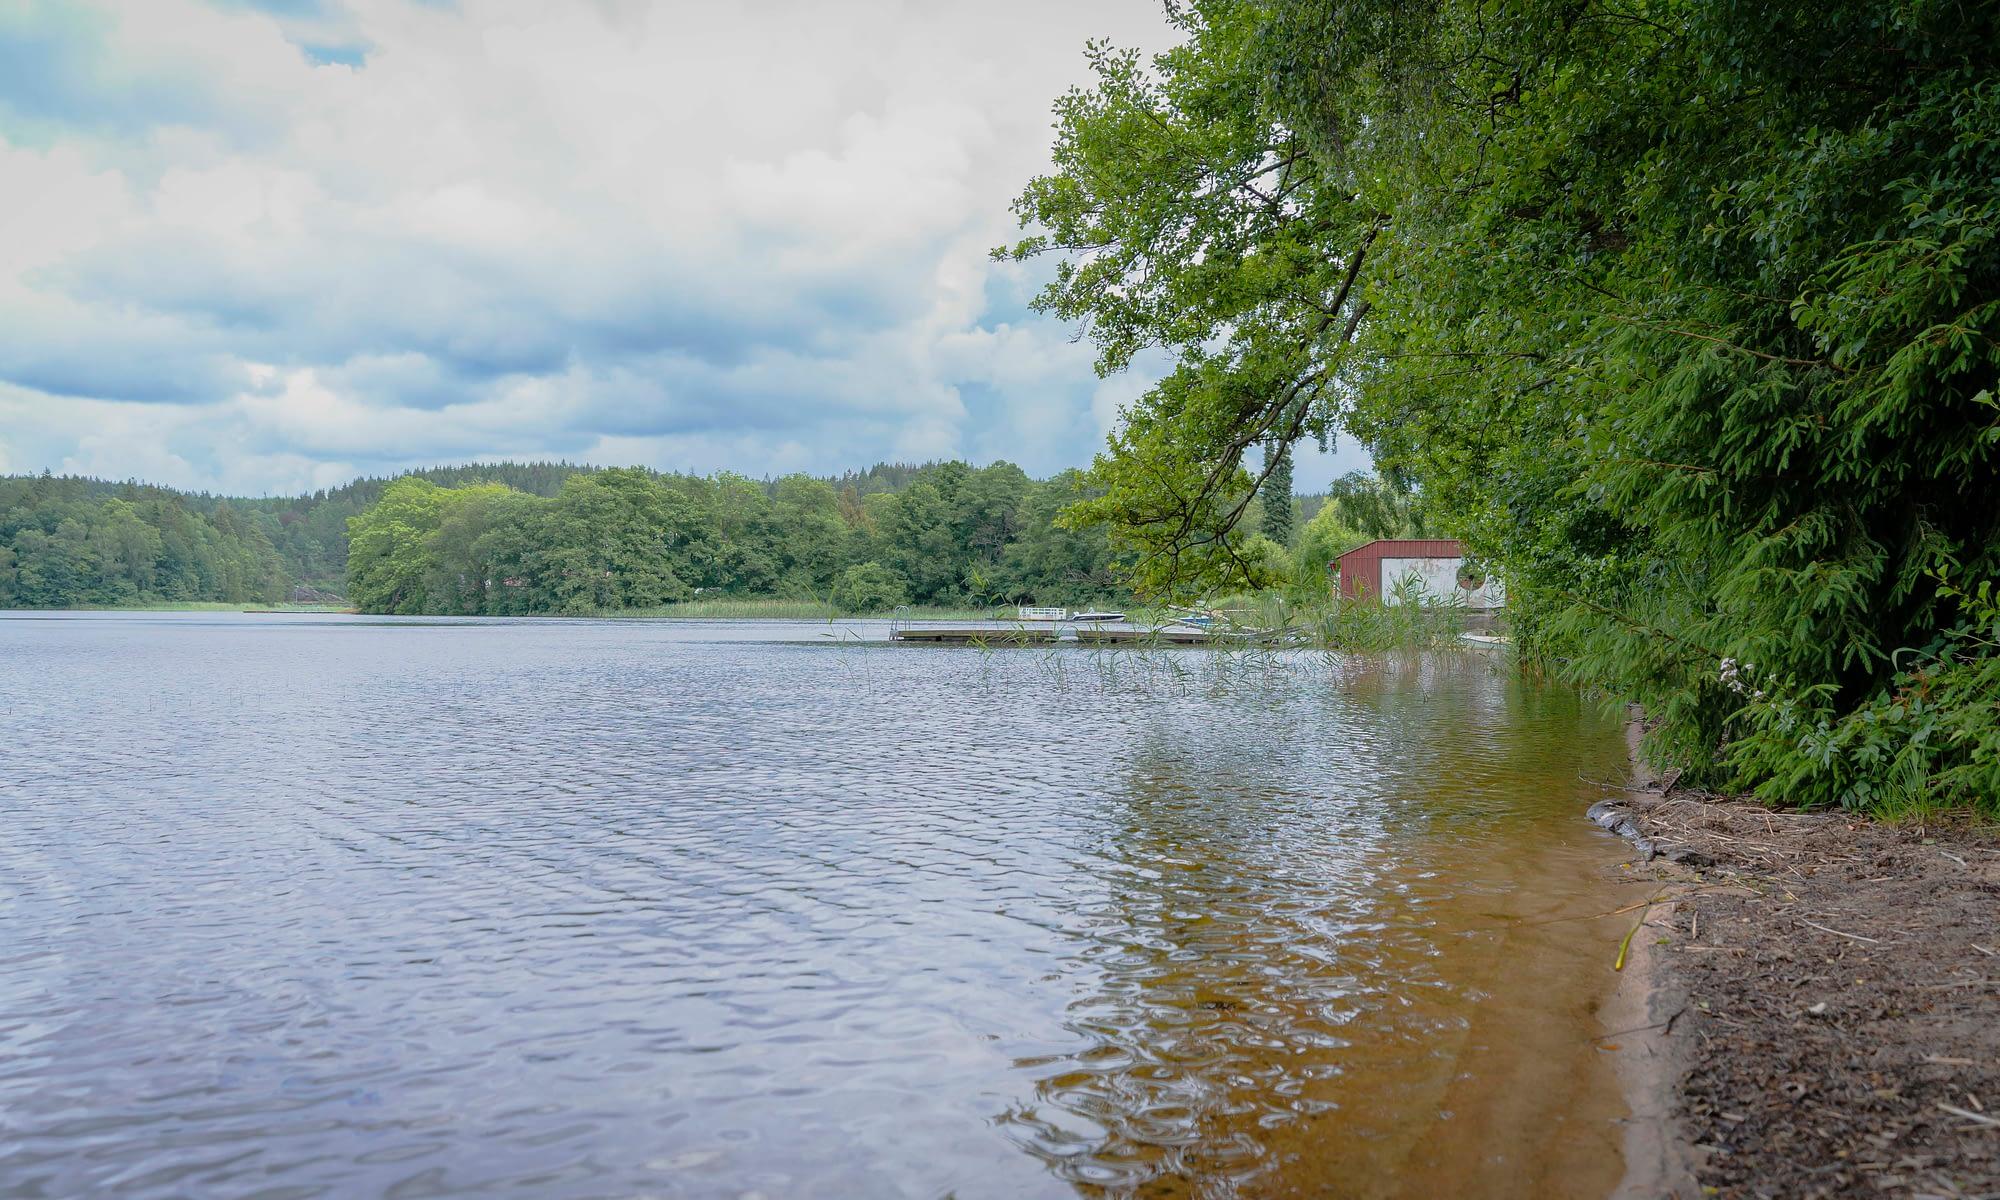 Landvettersjön